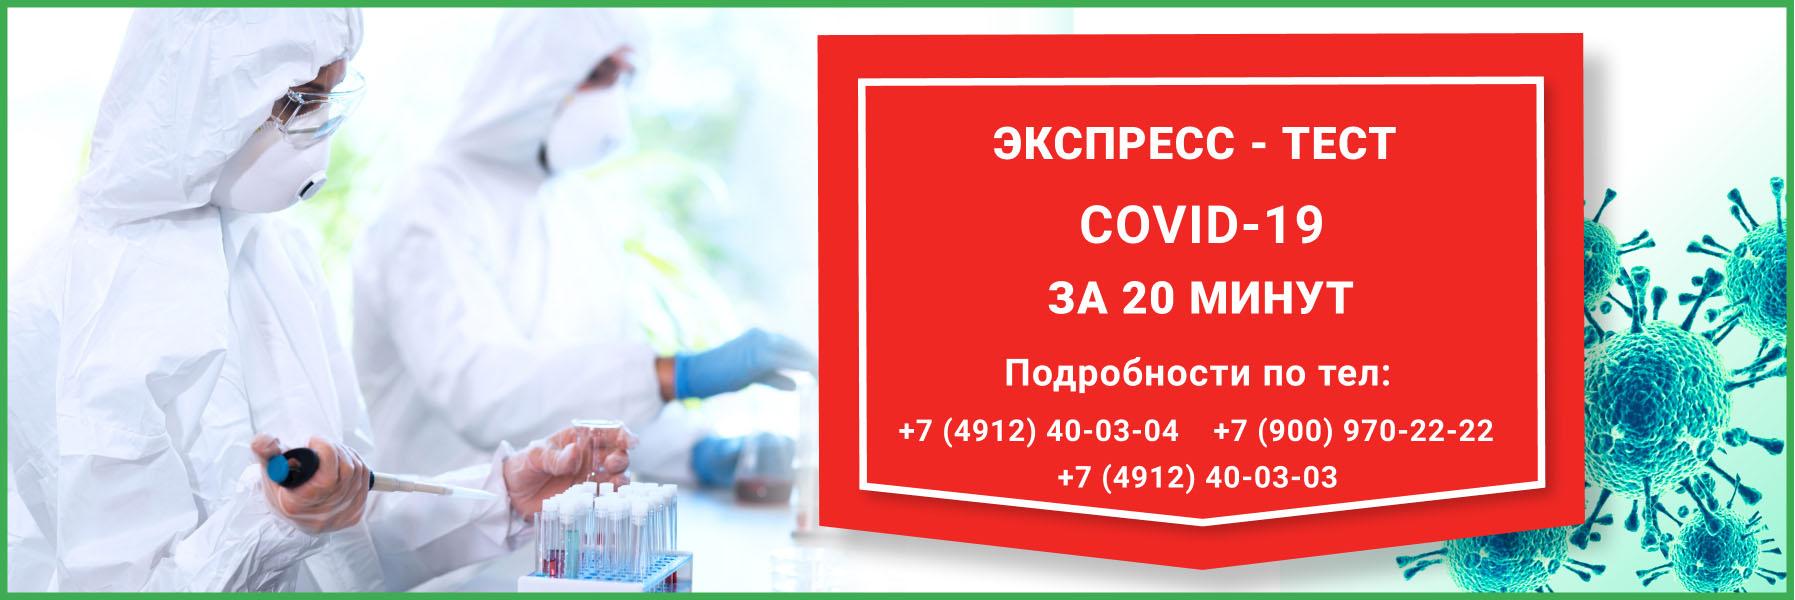 Экспресс тест COVID-19